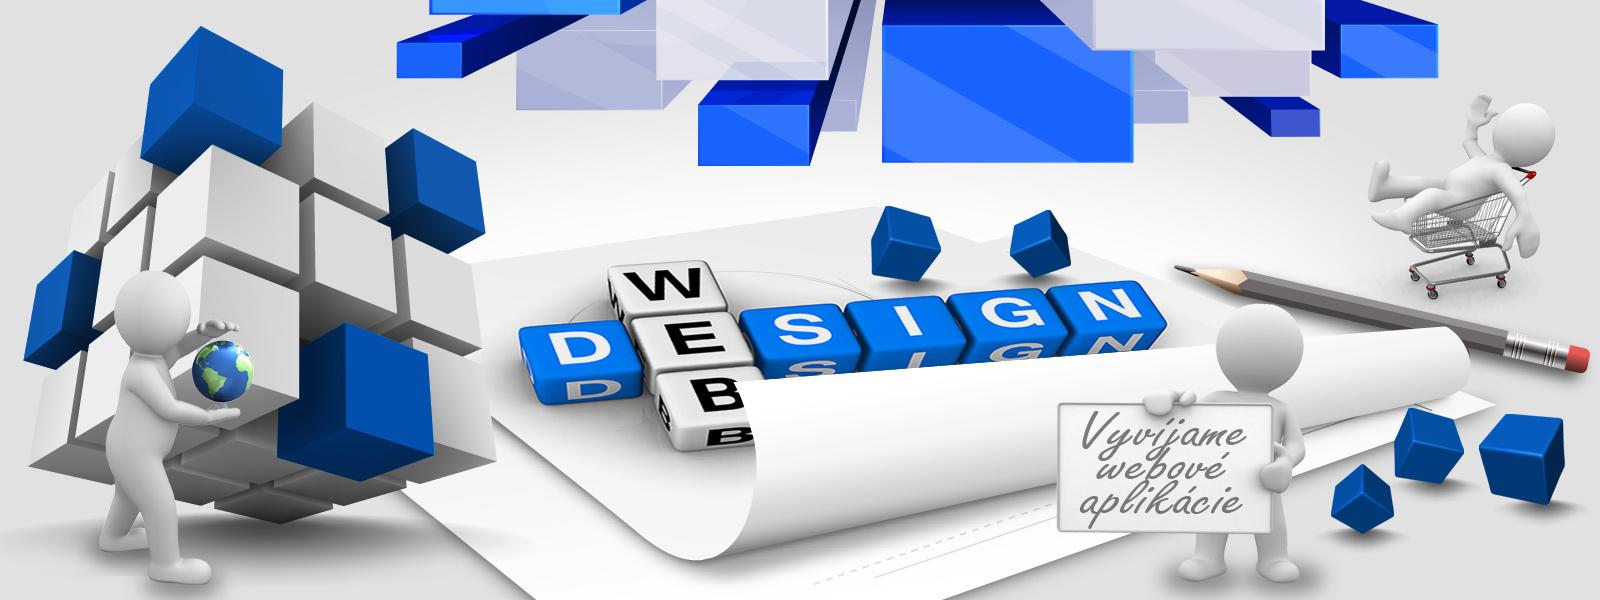 Tvoríme webové aplikácie